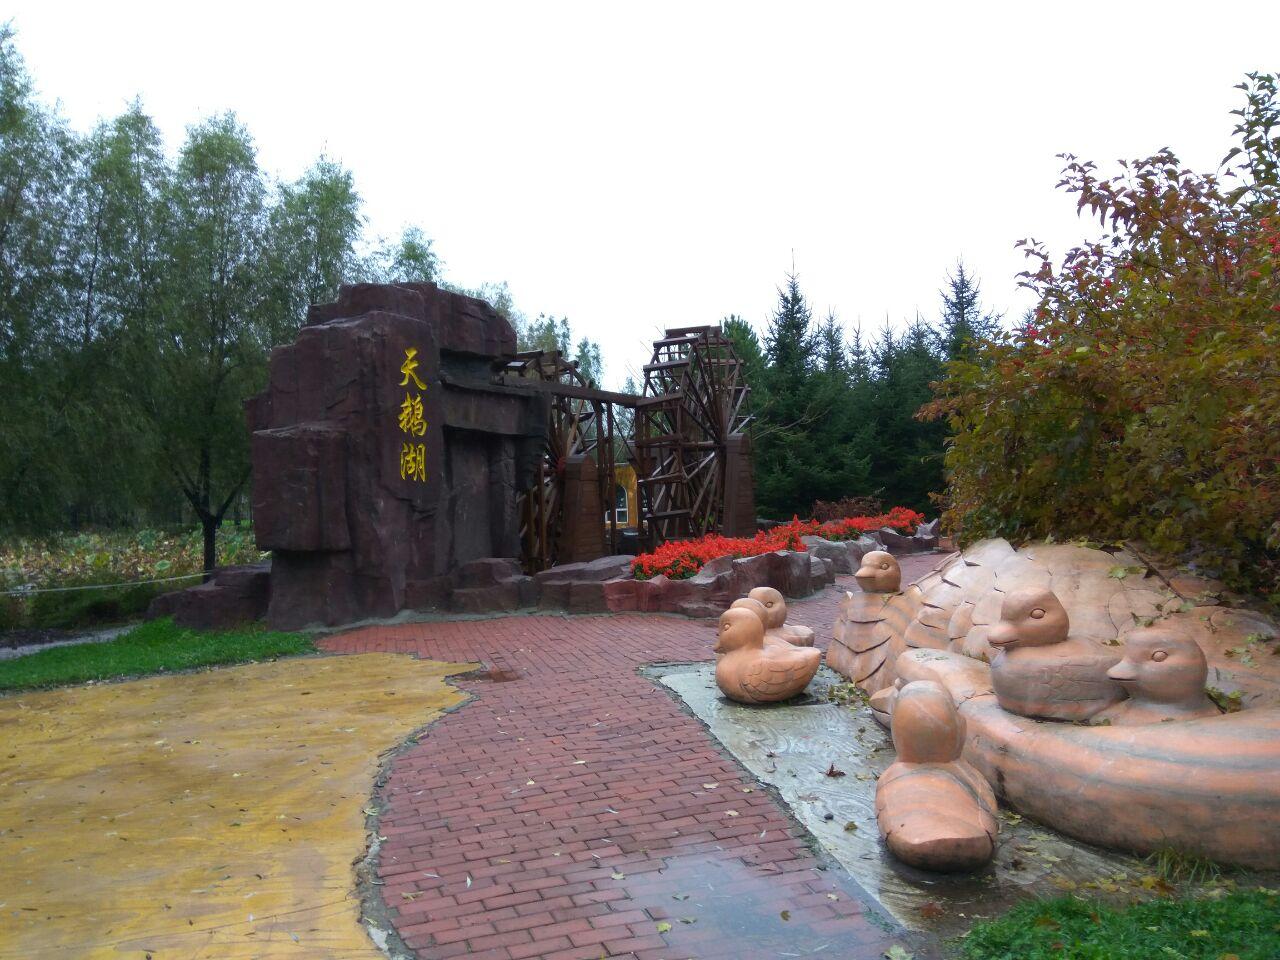 【携程攻略】黑龙江北方森林动物园景点